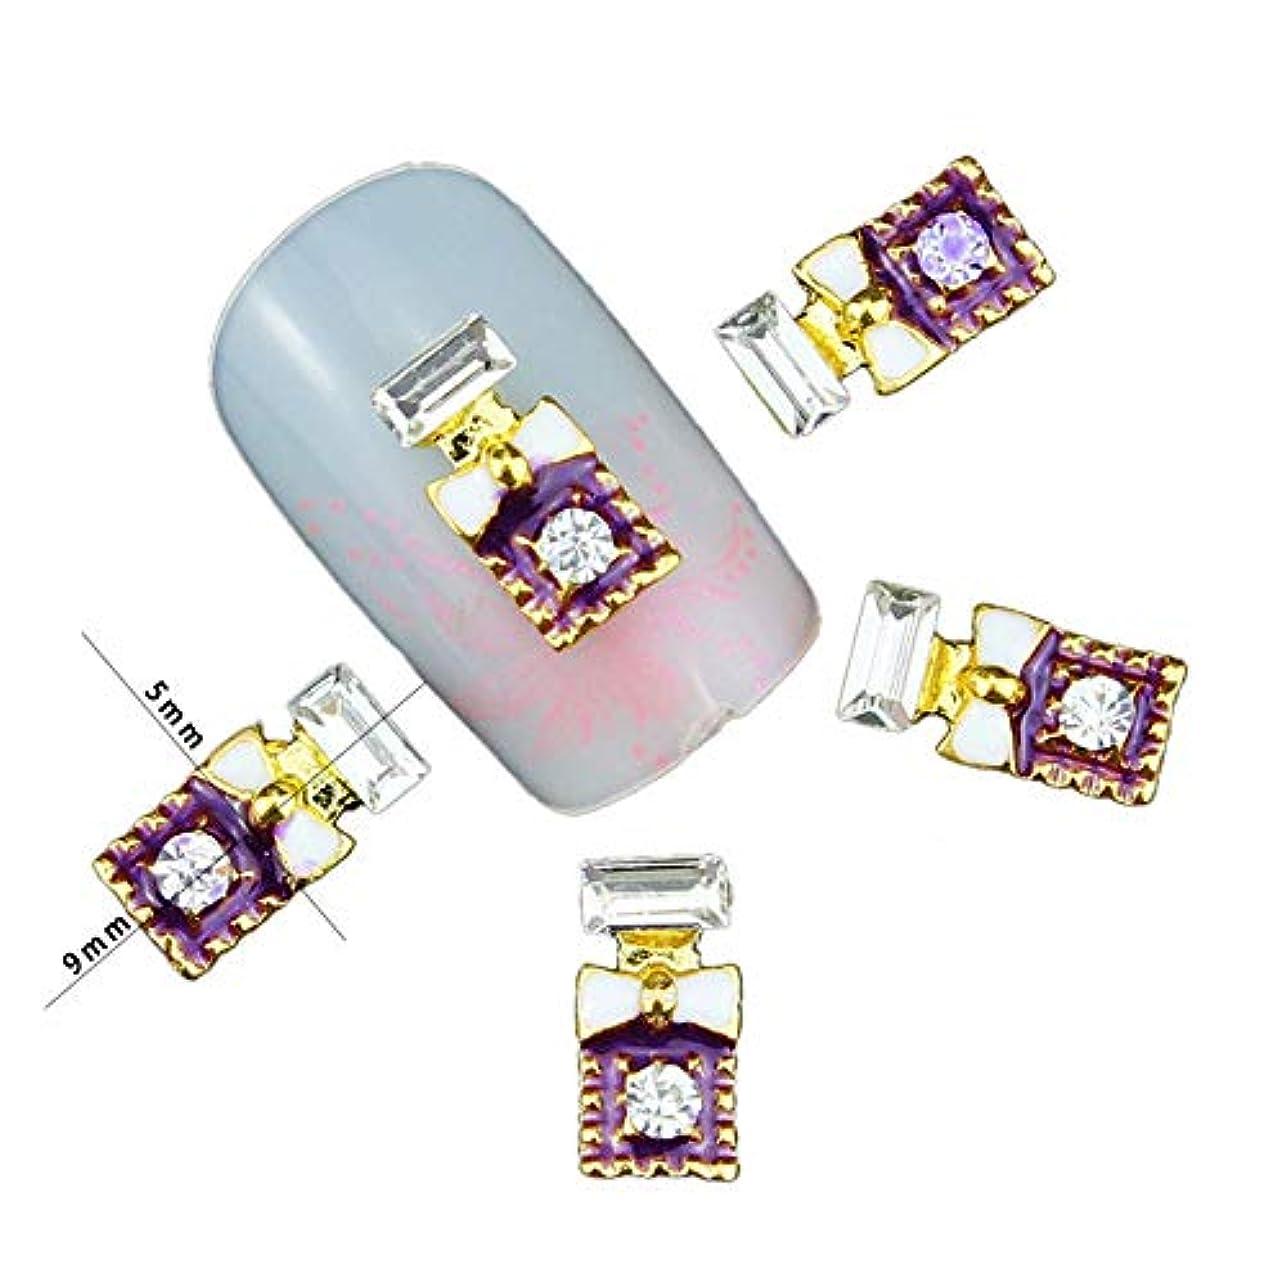 小数スケルトン再現する10個入りネイルグリッターラインストーンボウの香水瓶ネイルズ金合金3D DIYネイルアートの装飾チャームマニキュアツール